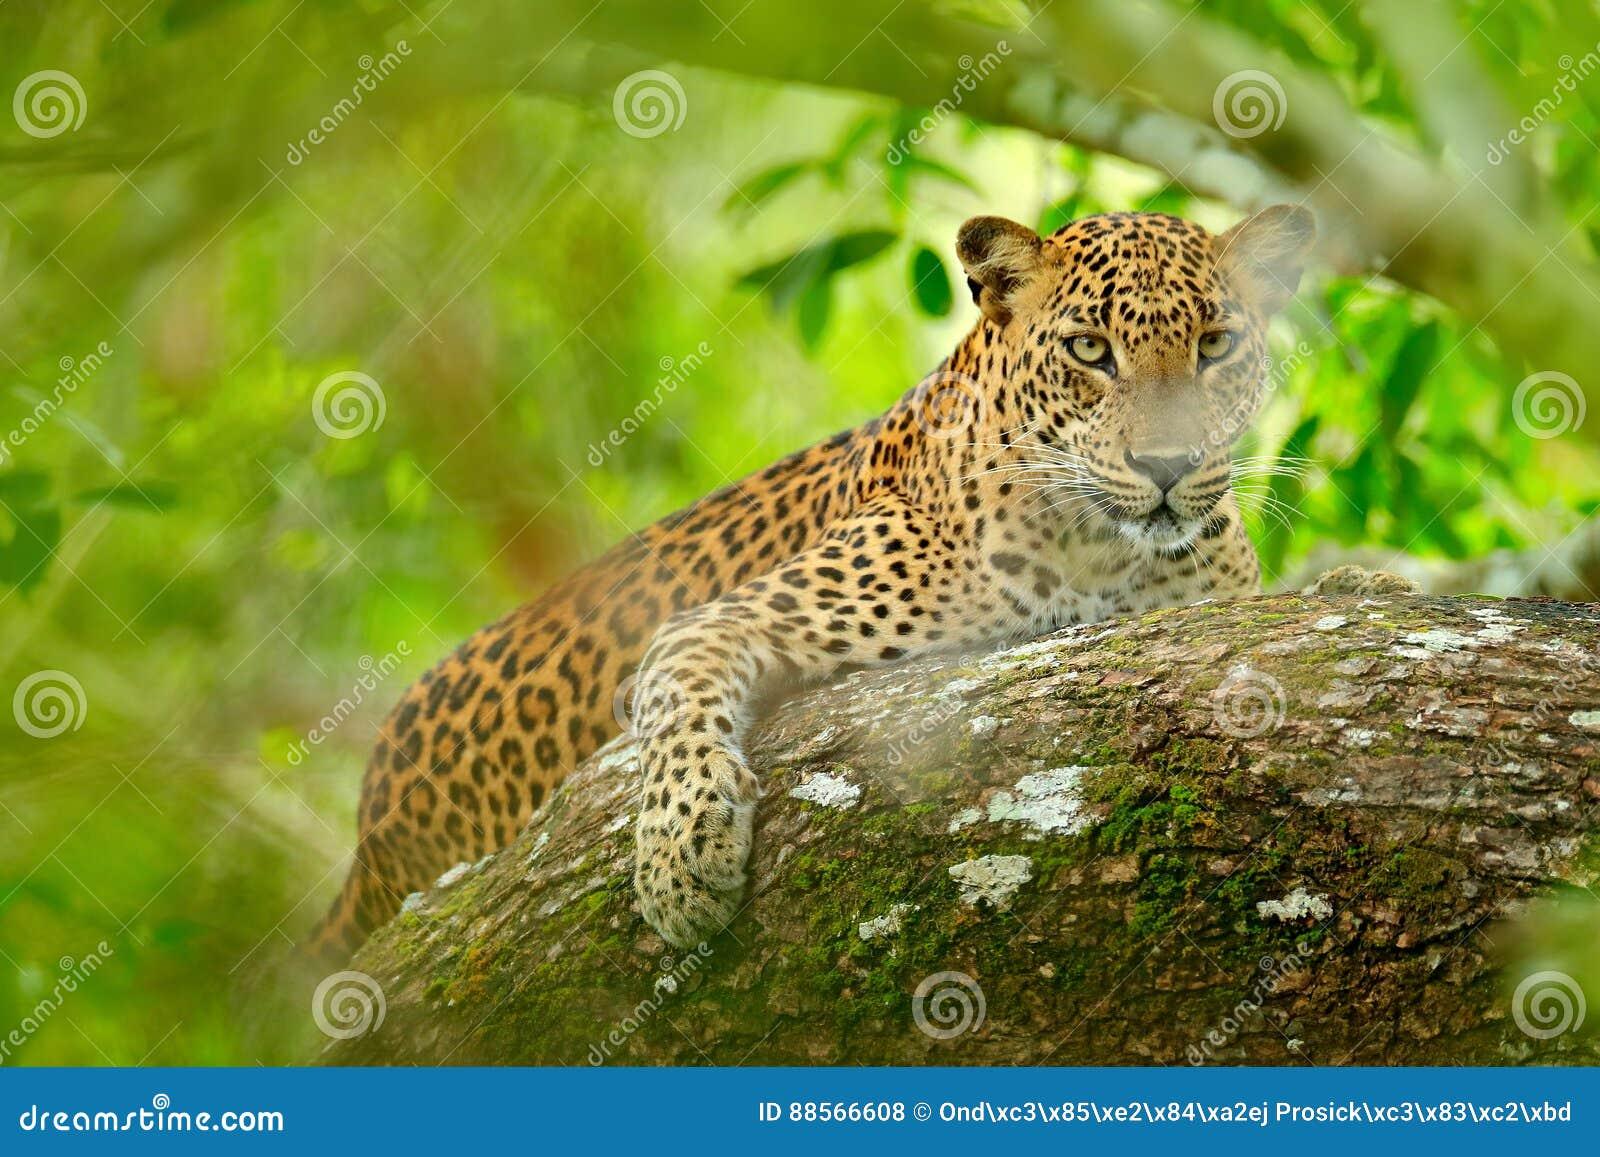 Léopard en végétation verte Léopard sri-lankais caché, kotiya de pardus de Panthera, grand chat sauvage repéré se trouvant sur l